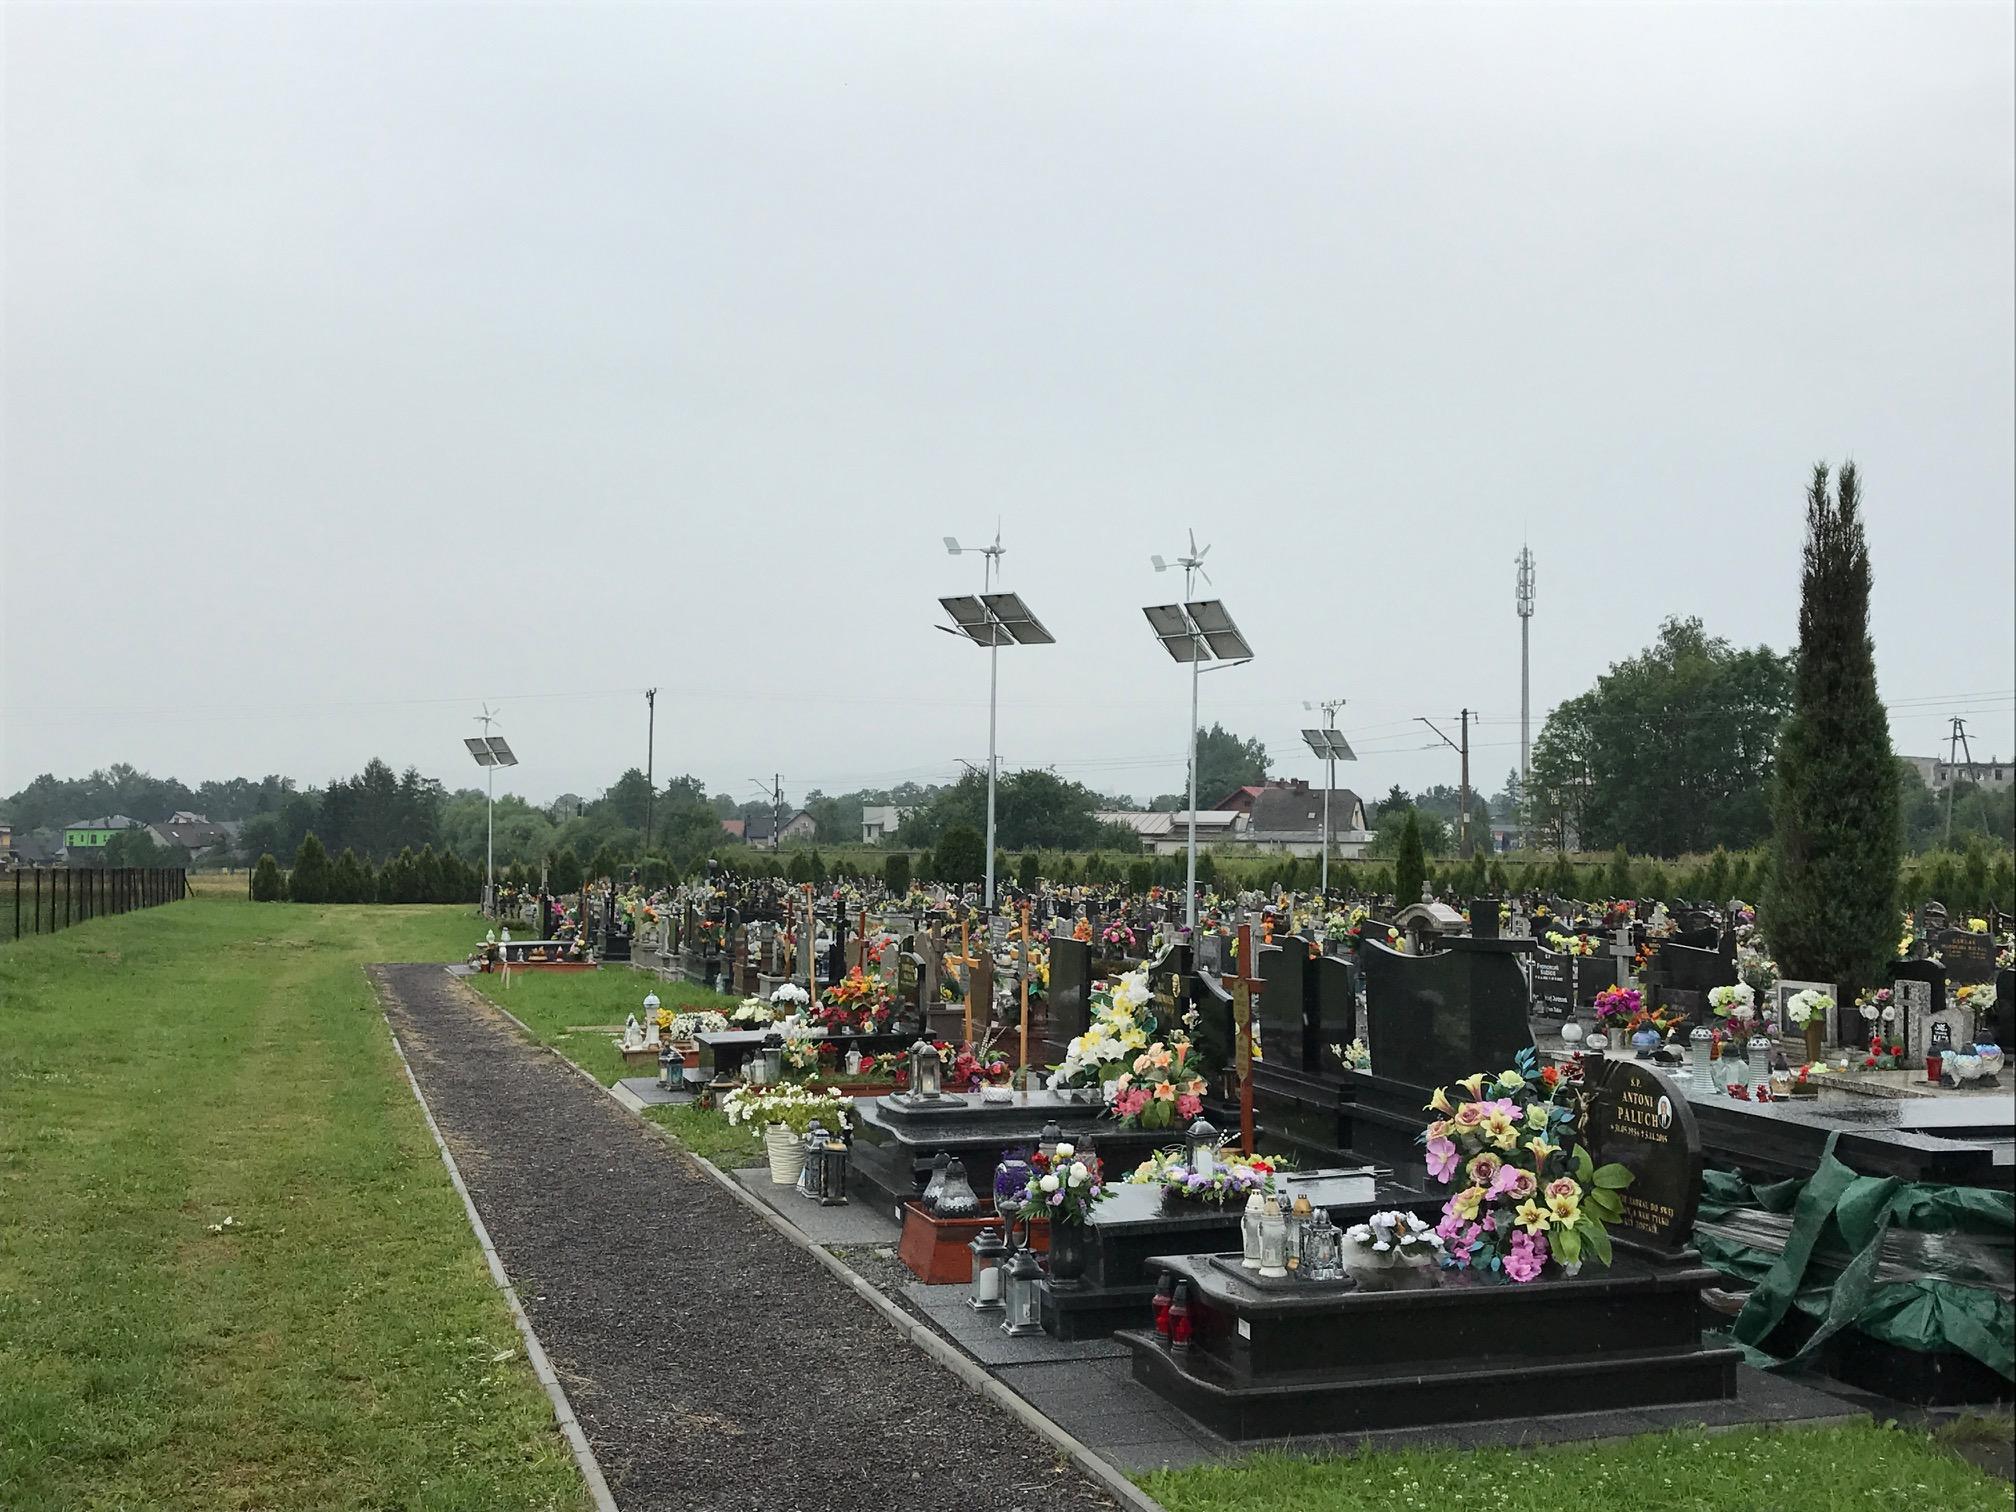 Lampy Solarne Na Cmentarzach Nie Tylko Beskidy News